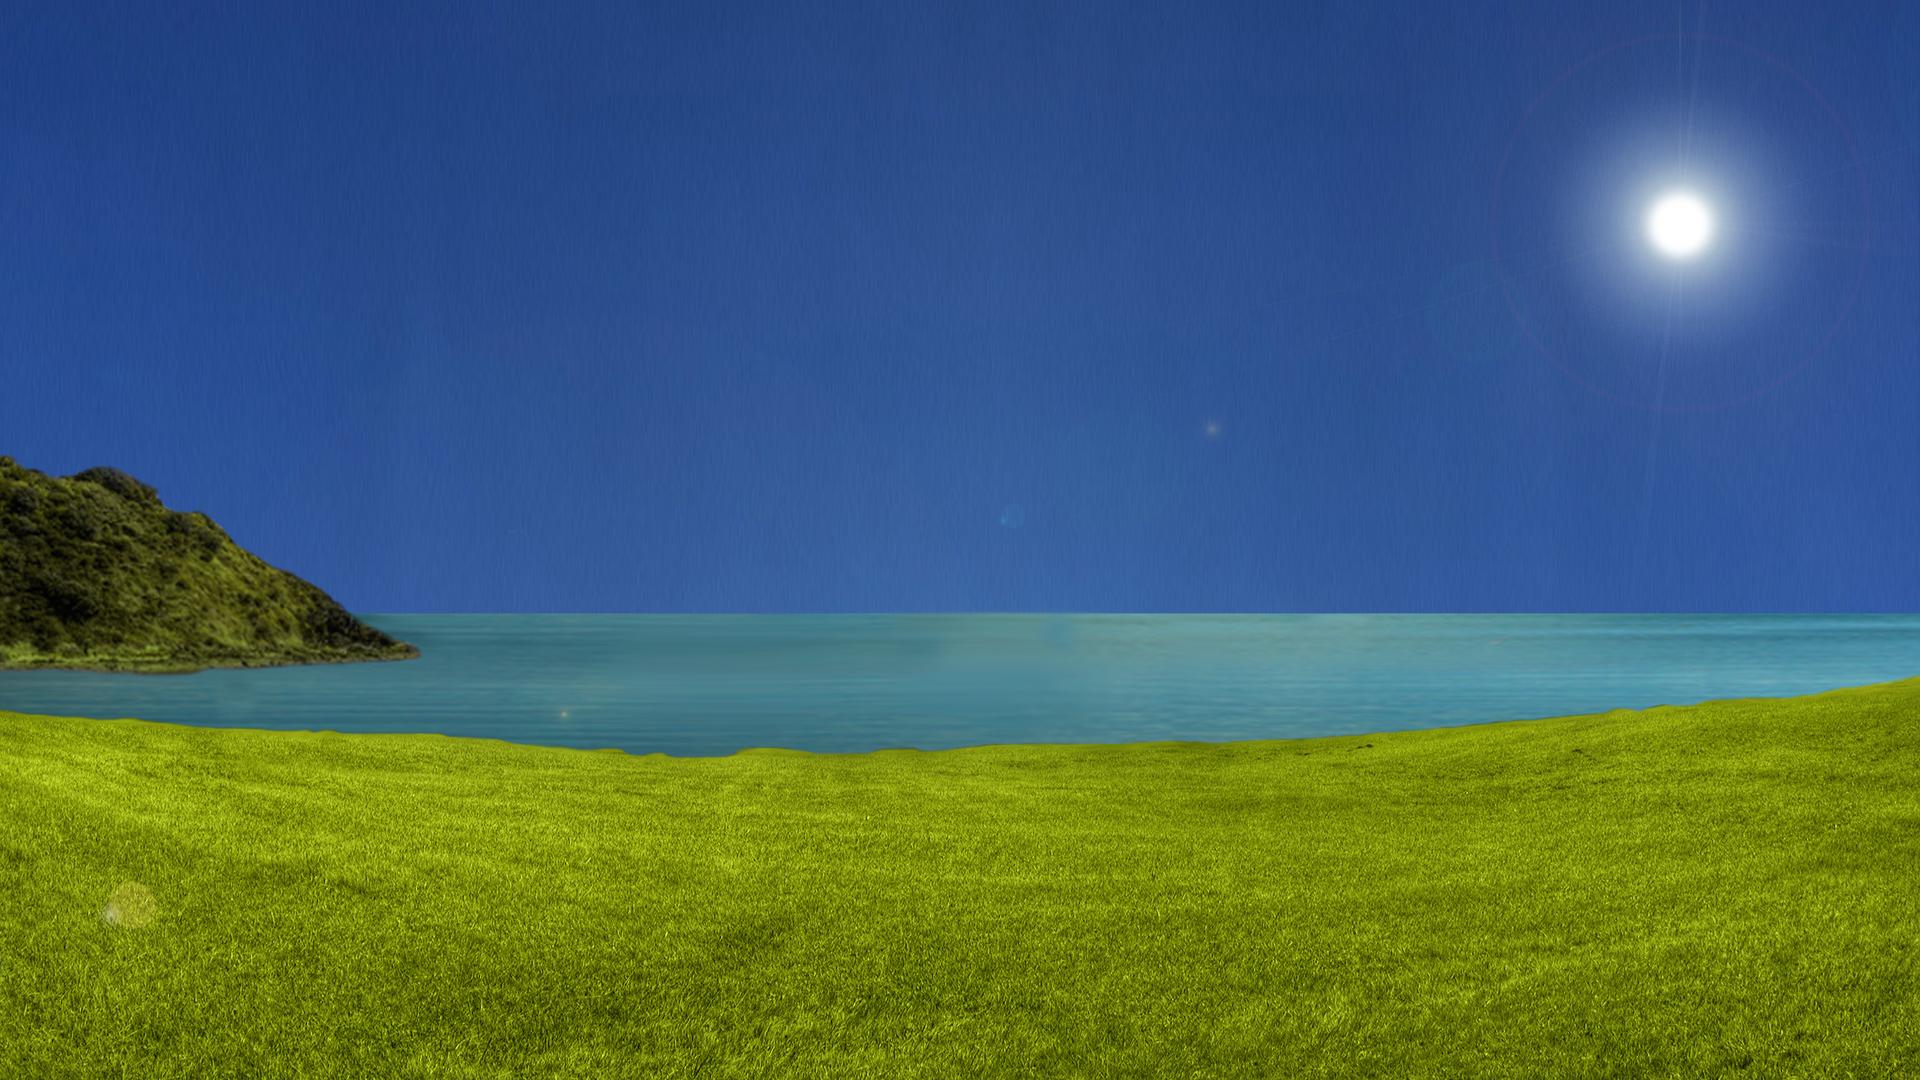 Adobe Photoshop - Wikiwand